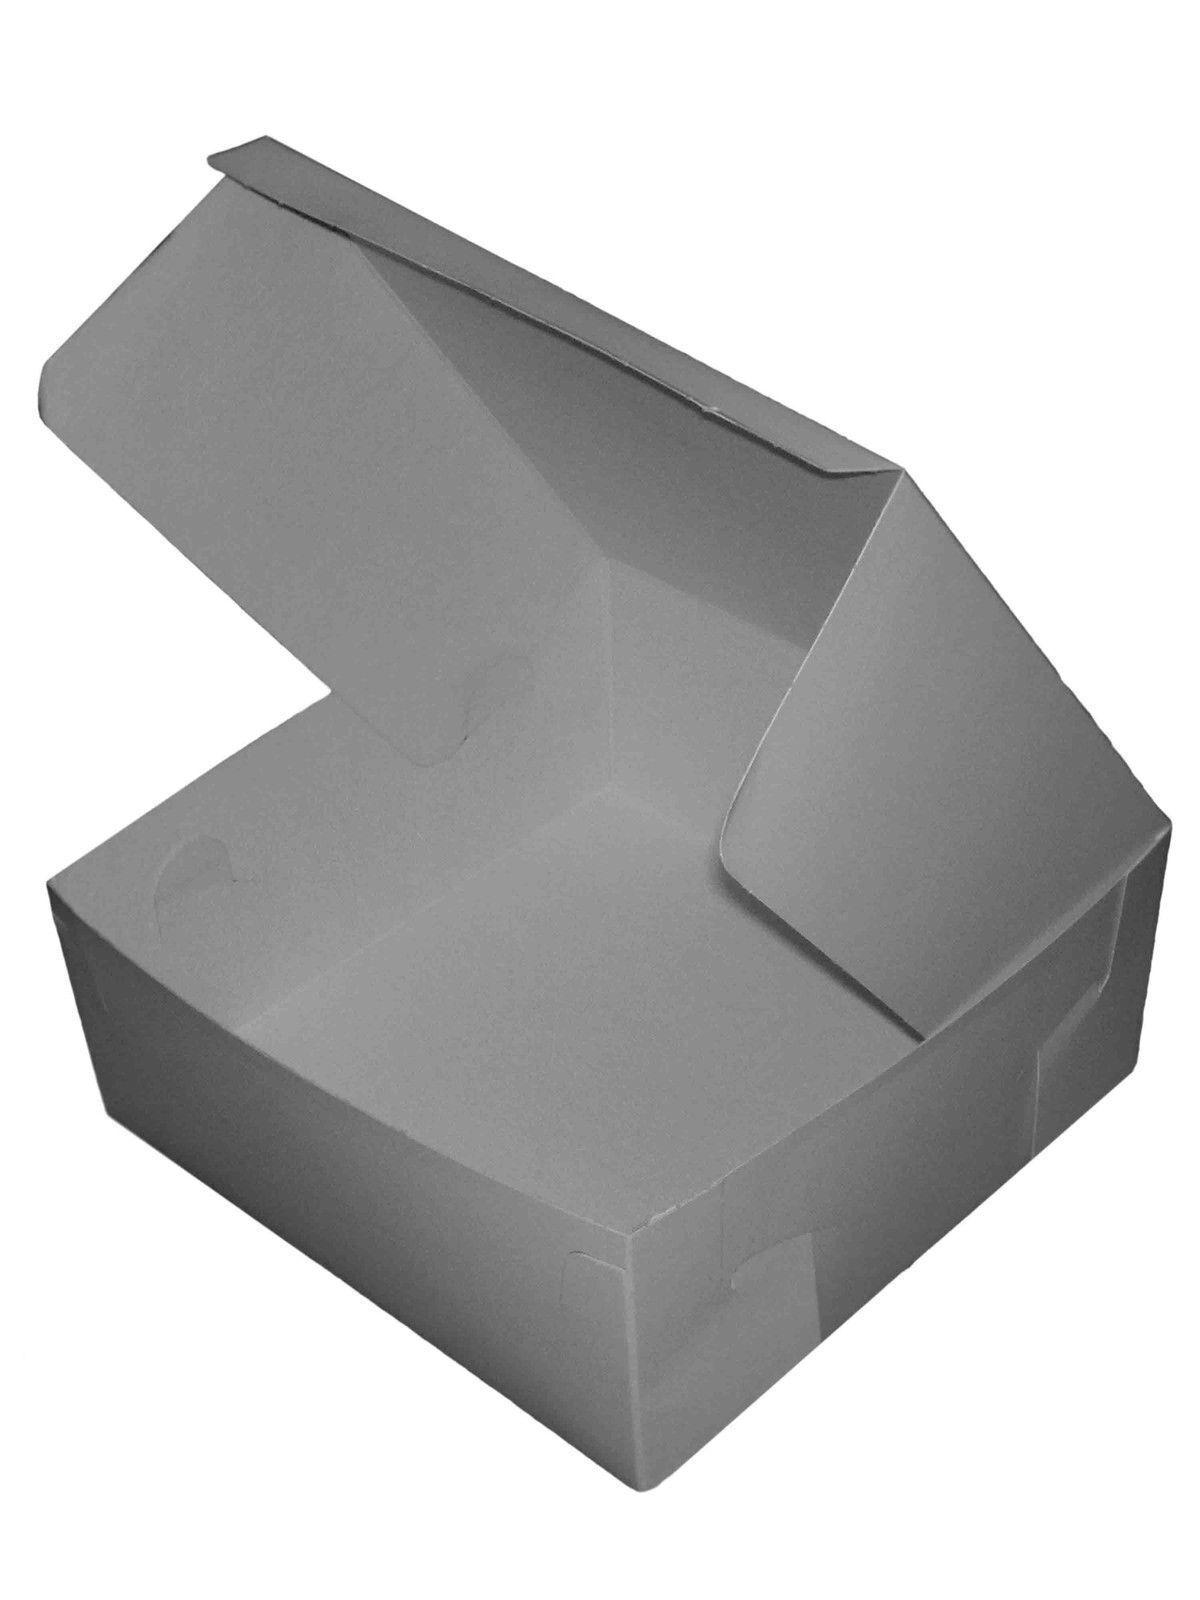 Forte Bianco Fata Panificio Torta Dolce Muffin Scatole Panificio Fata Festa 100 250 500 1000 1b9943